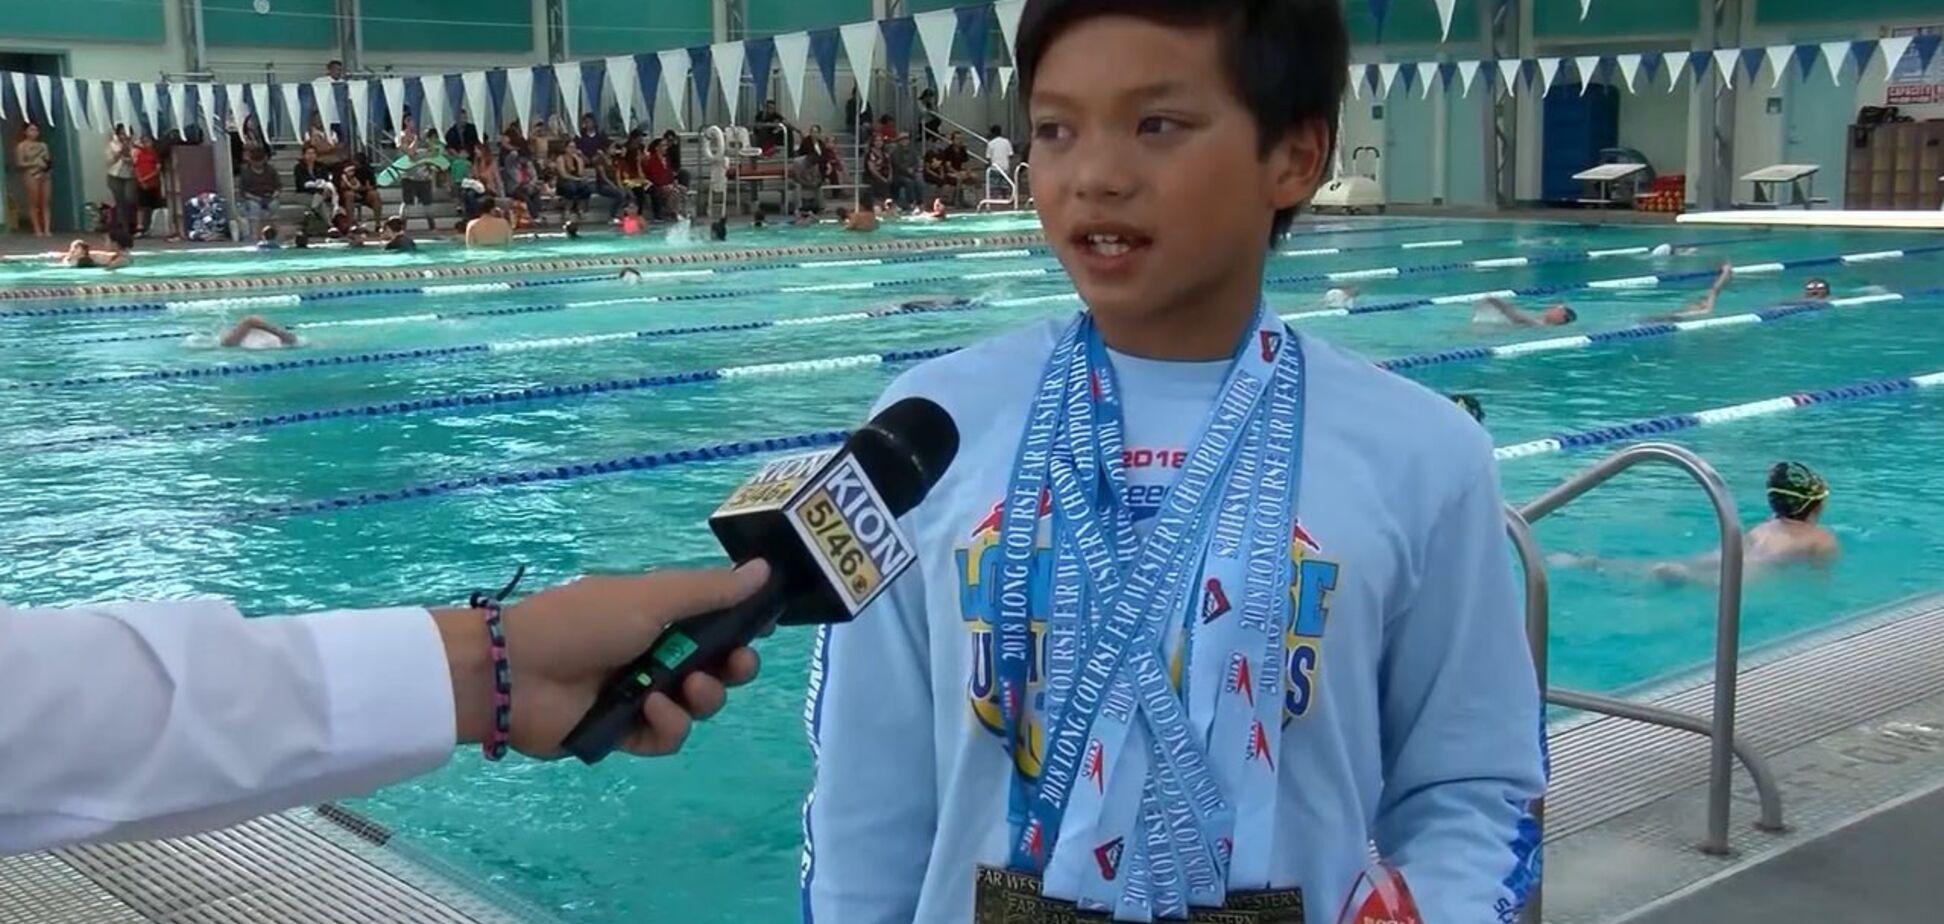 10-річний плавець побив рекорд олімпійського чемпіона